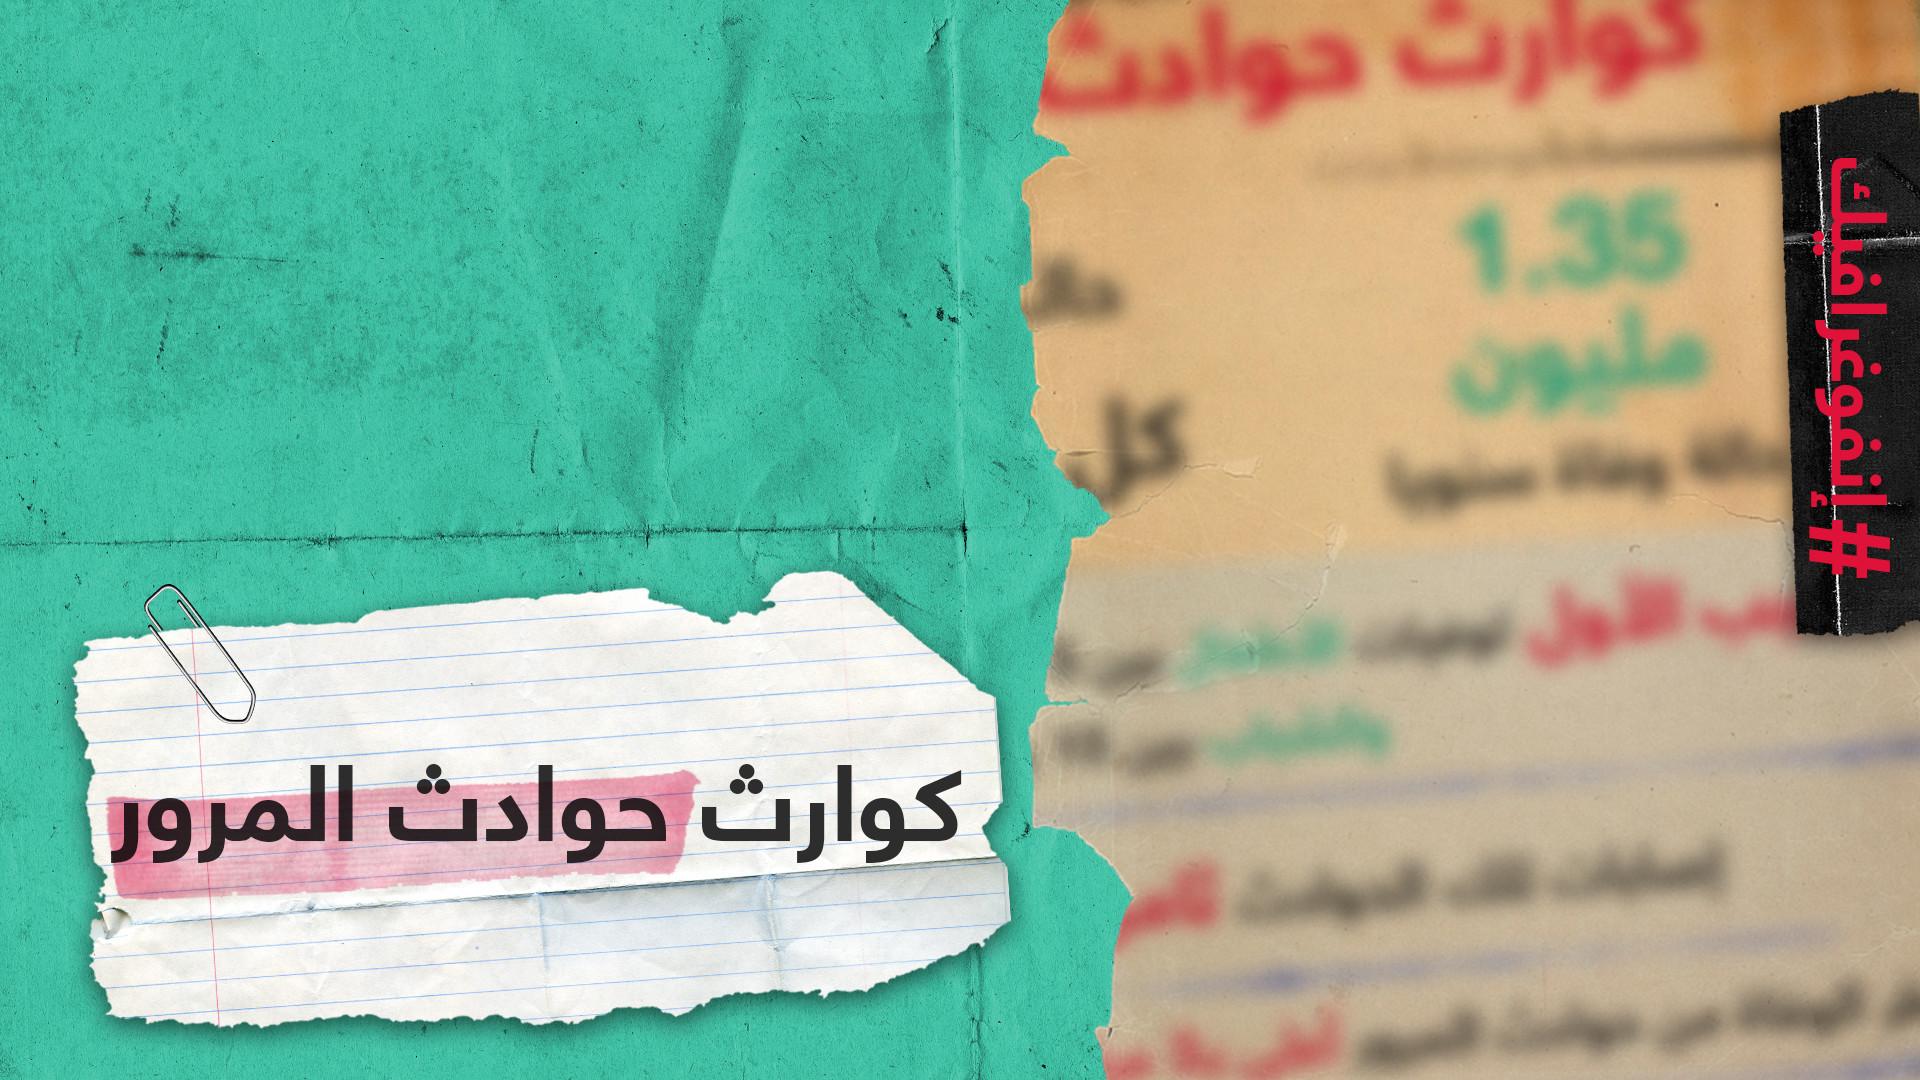 إنفوغراف - دولة عربية تتصدر في حوادث المرور